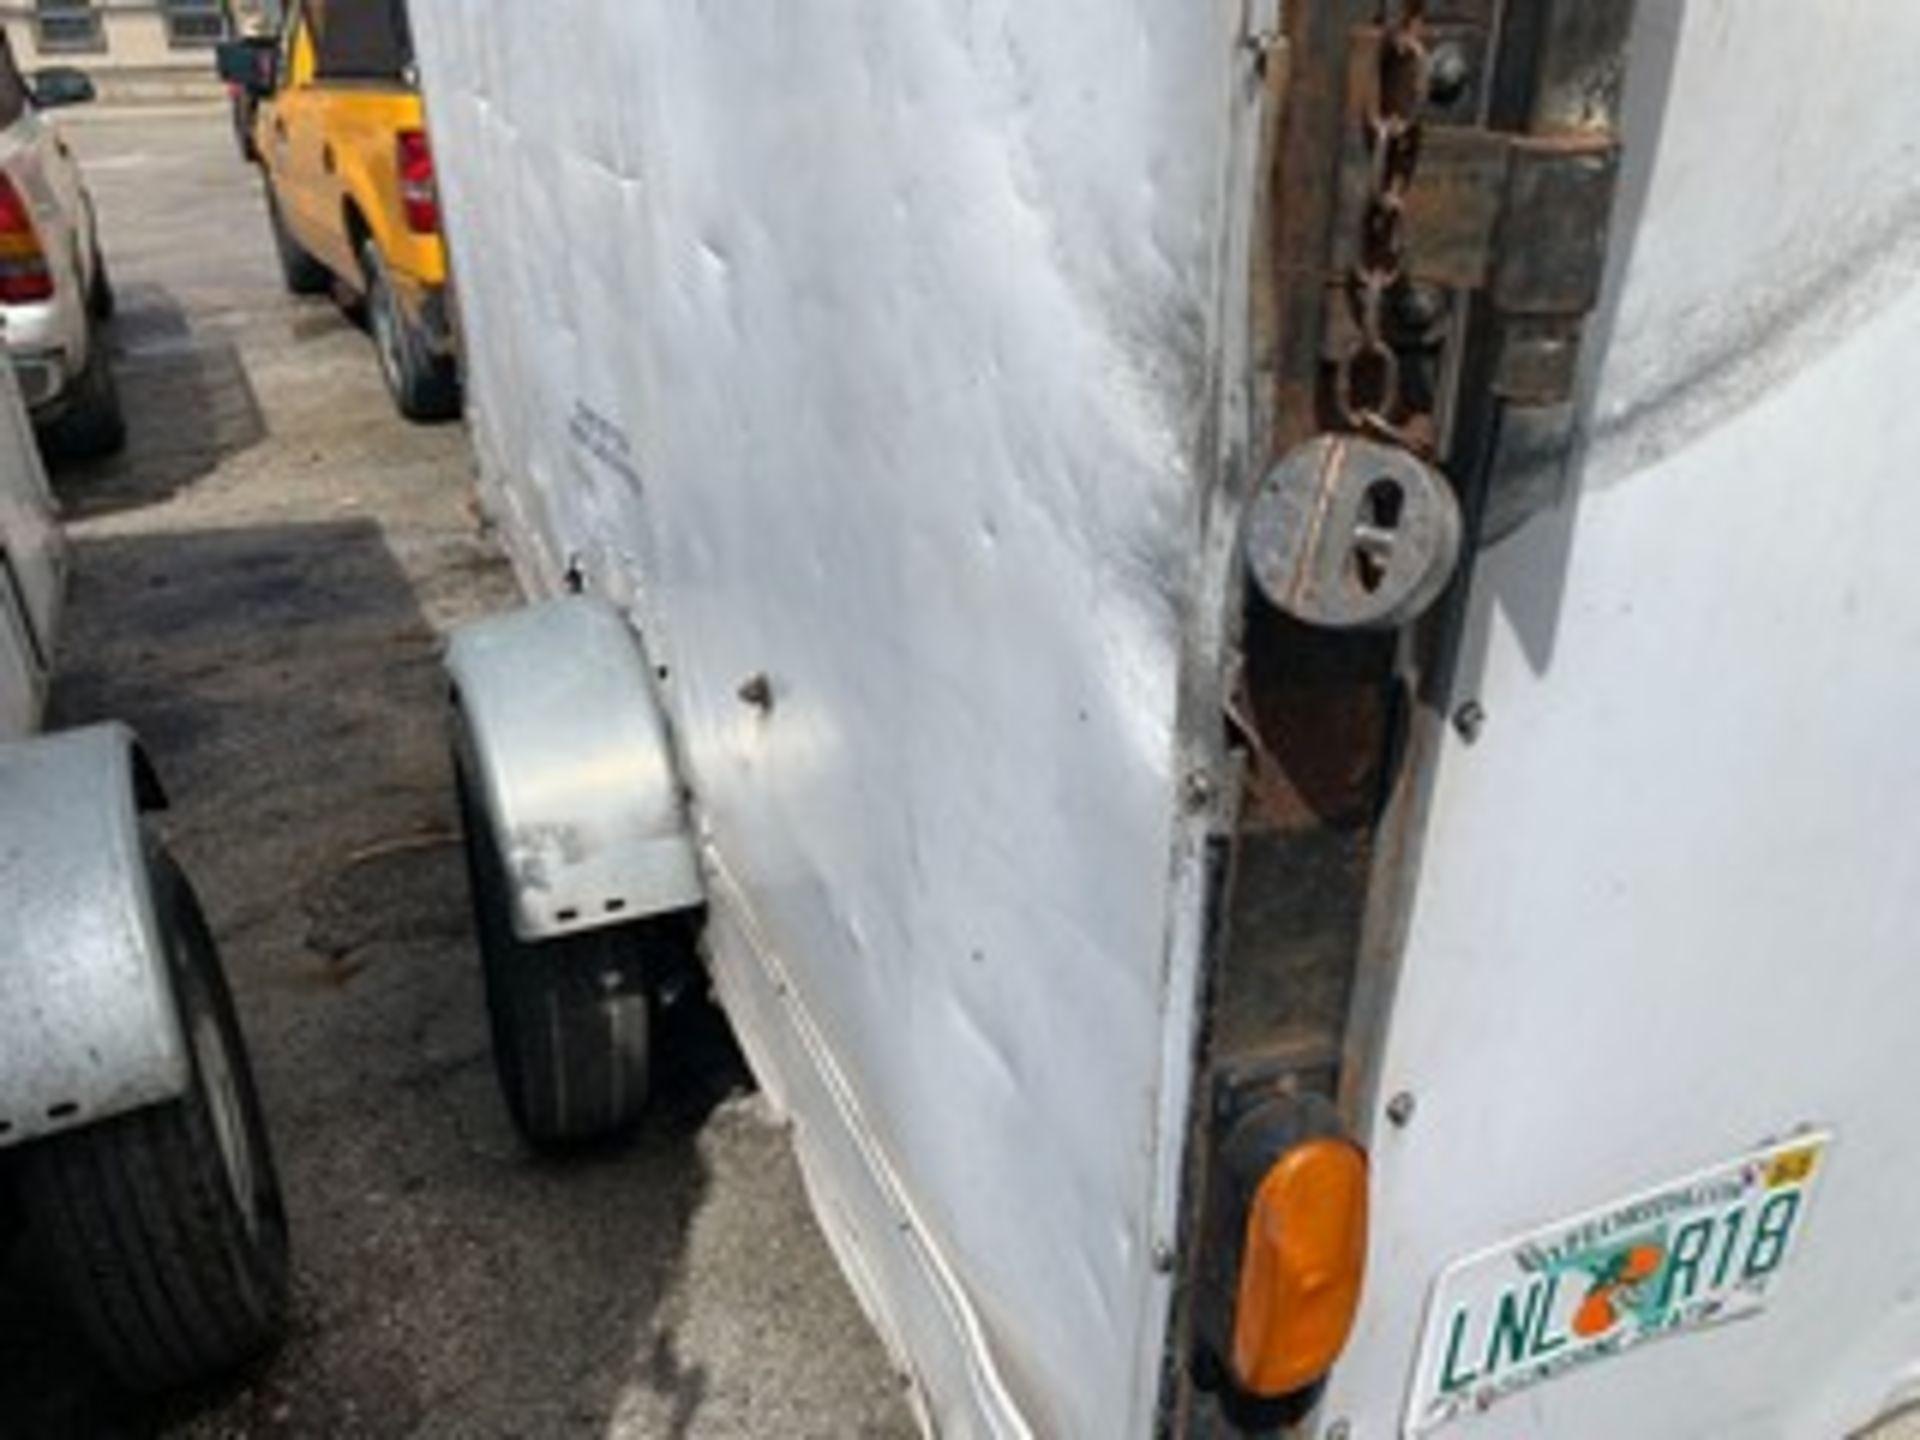 Lot 719 - 2009 SOUTHWEST SW-07X12 ENCLOSED TRAILER - VIN #1S907X1299M982094 - WHITE - SINGLE AXLE - 12' (6)